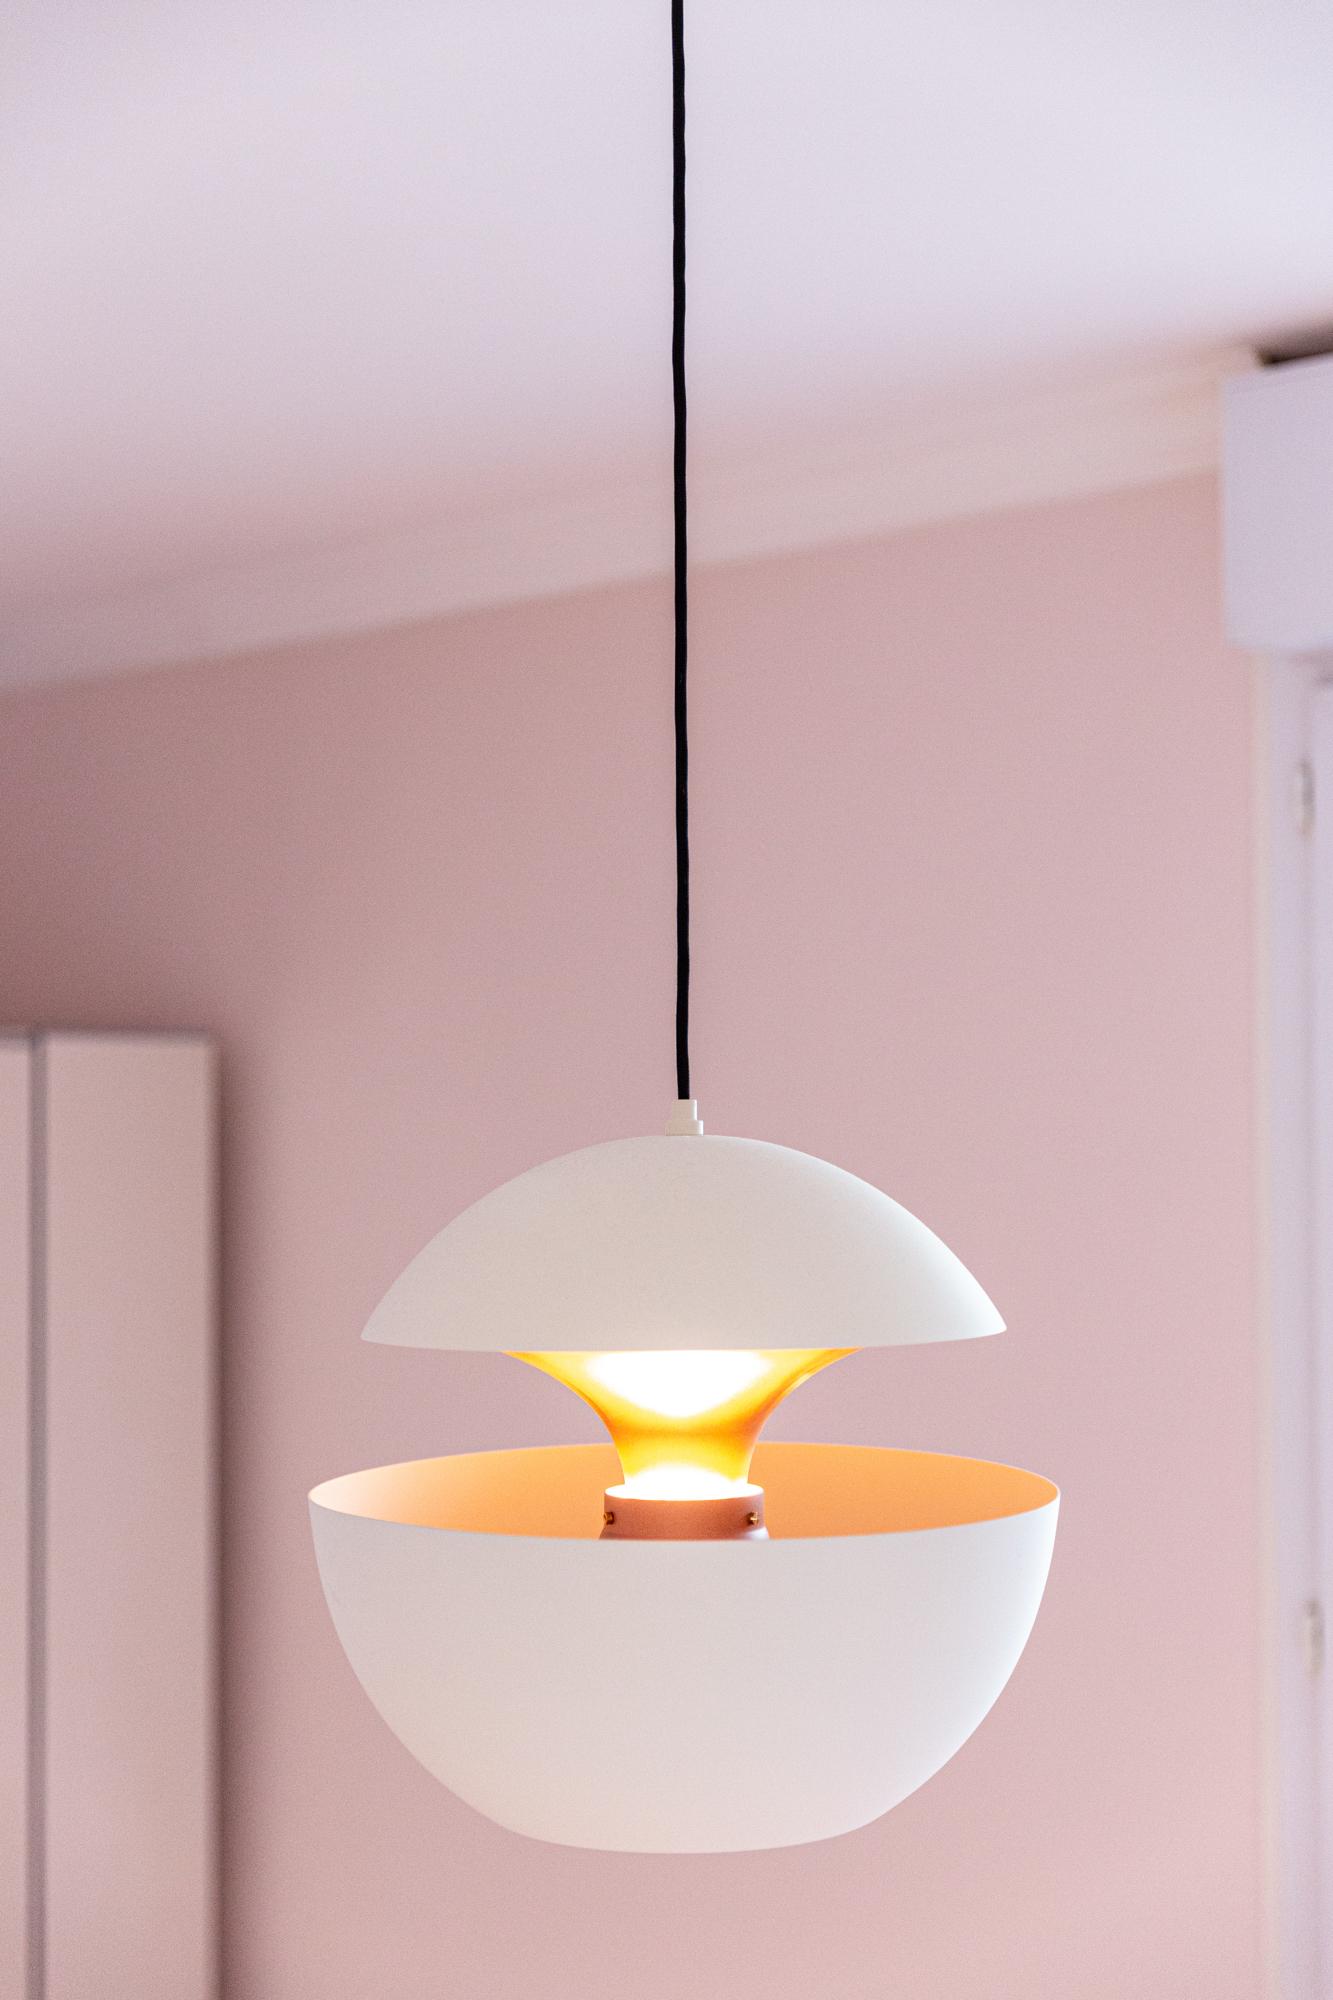 Une lampe ronde et blanche très design dans une chambre d'enfants.